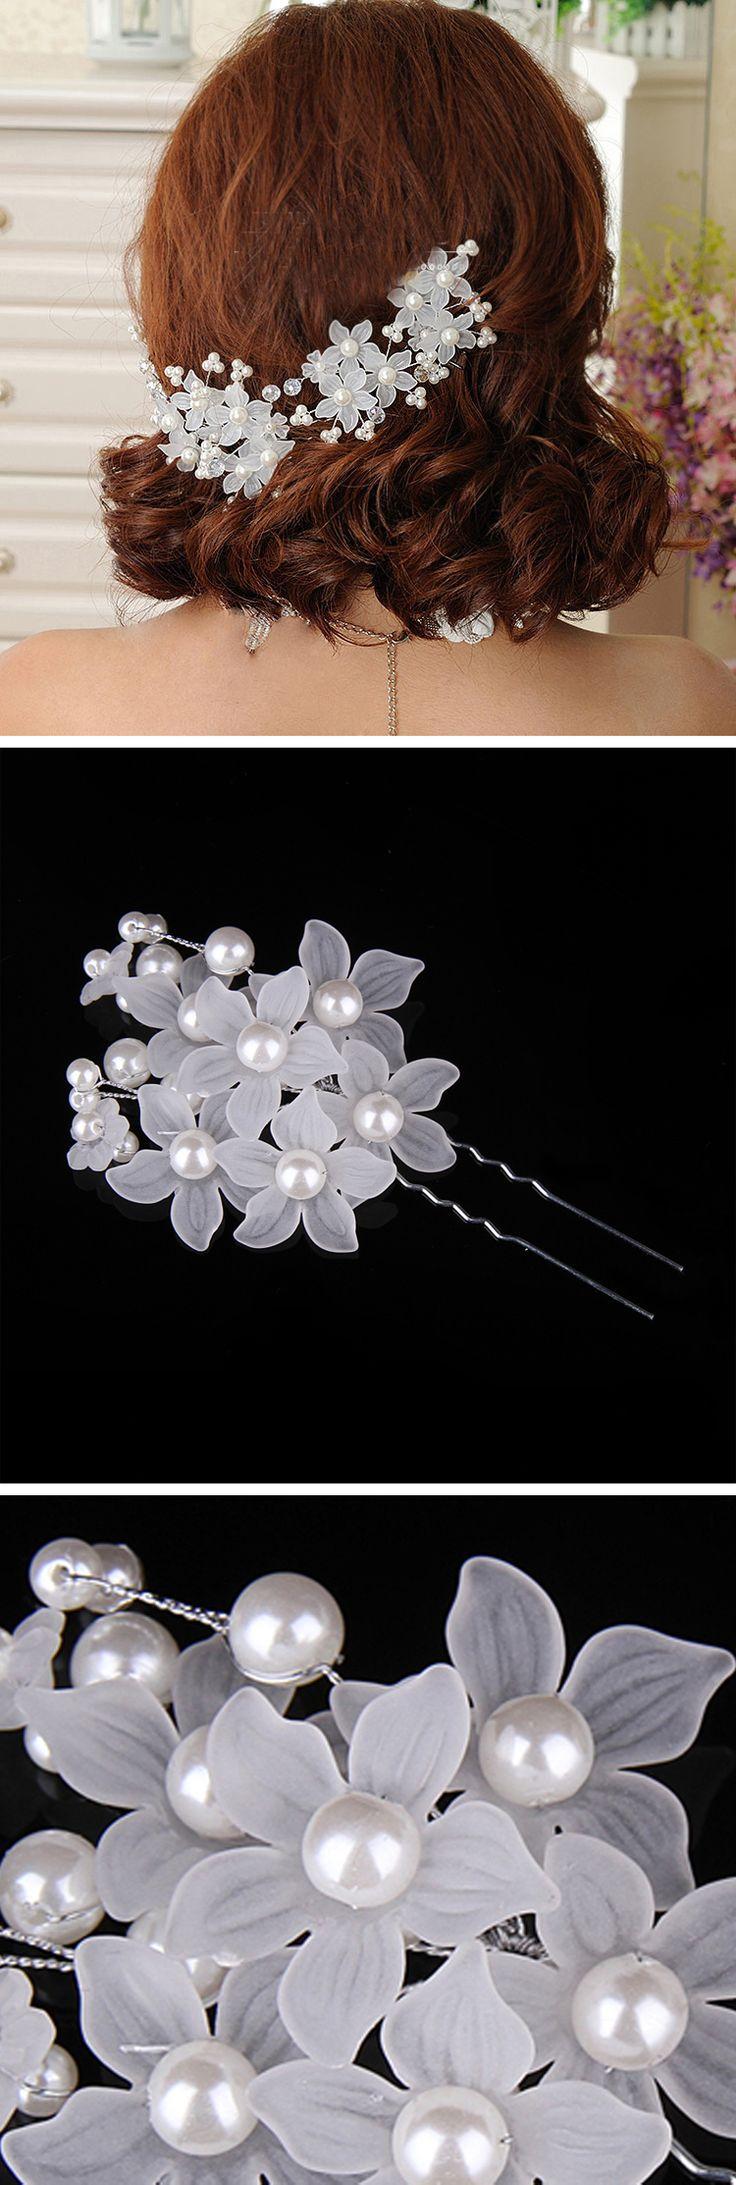 Свадебные аксессуары для волос головы цветок головной убор аксессуары для волос DIY шелк цветок искусственные цветы розы шарик цветок шпильки кружева оптовую цену - Taobao